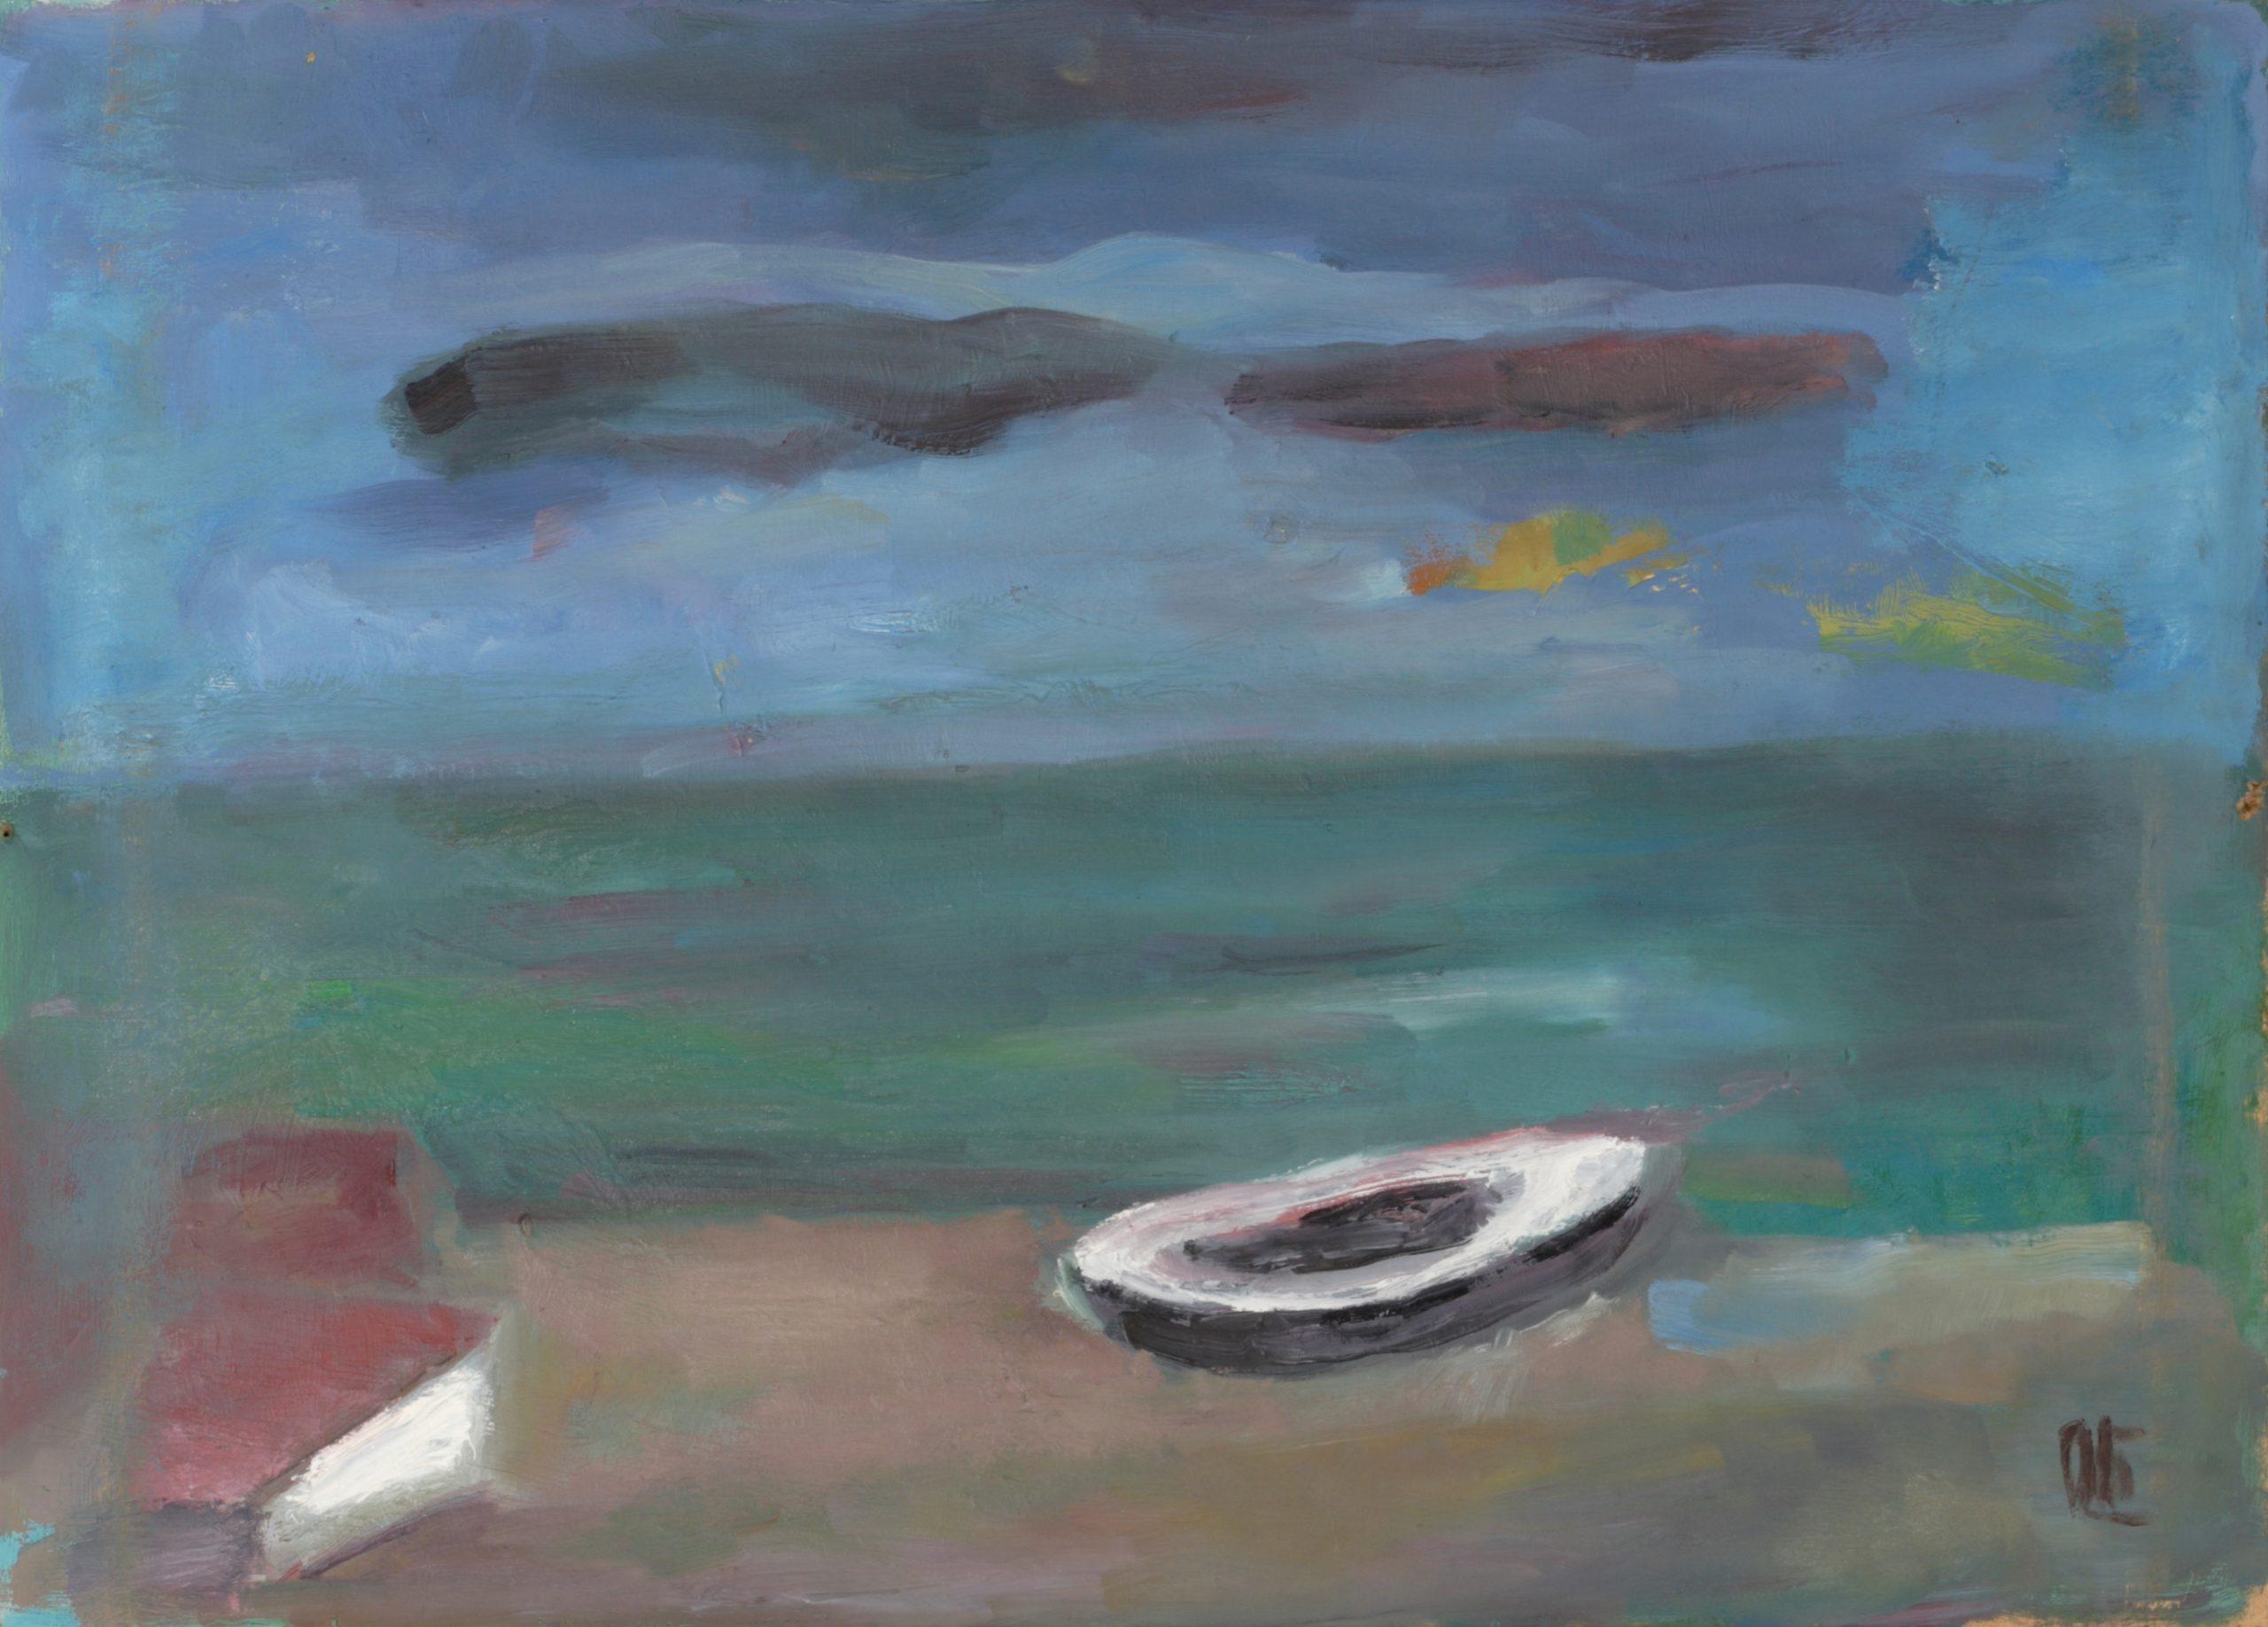 Пейзаж 'Лодка' от Олга Белопитова